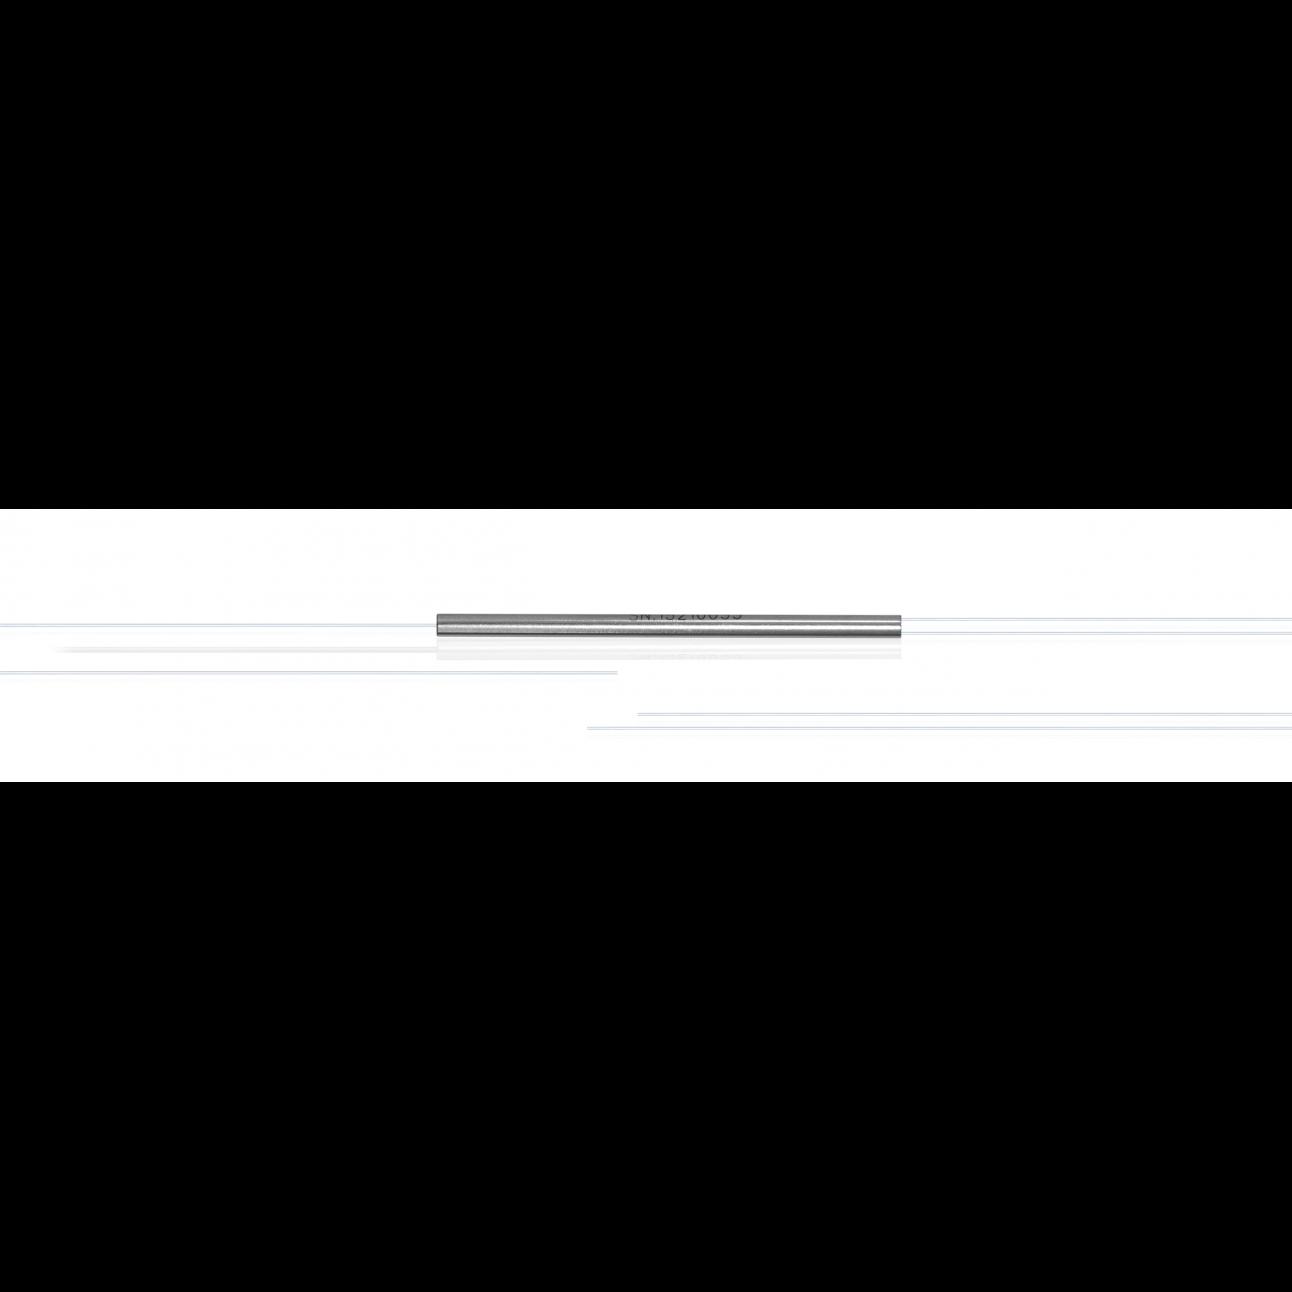 Делитель оптический бескорпусный буфер 225нм 1х2, 40/60, B-Optics (комплект из 2 шт.)